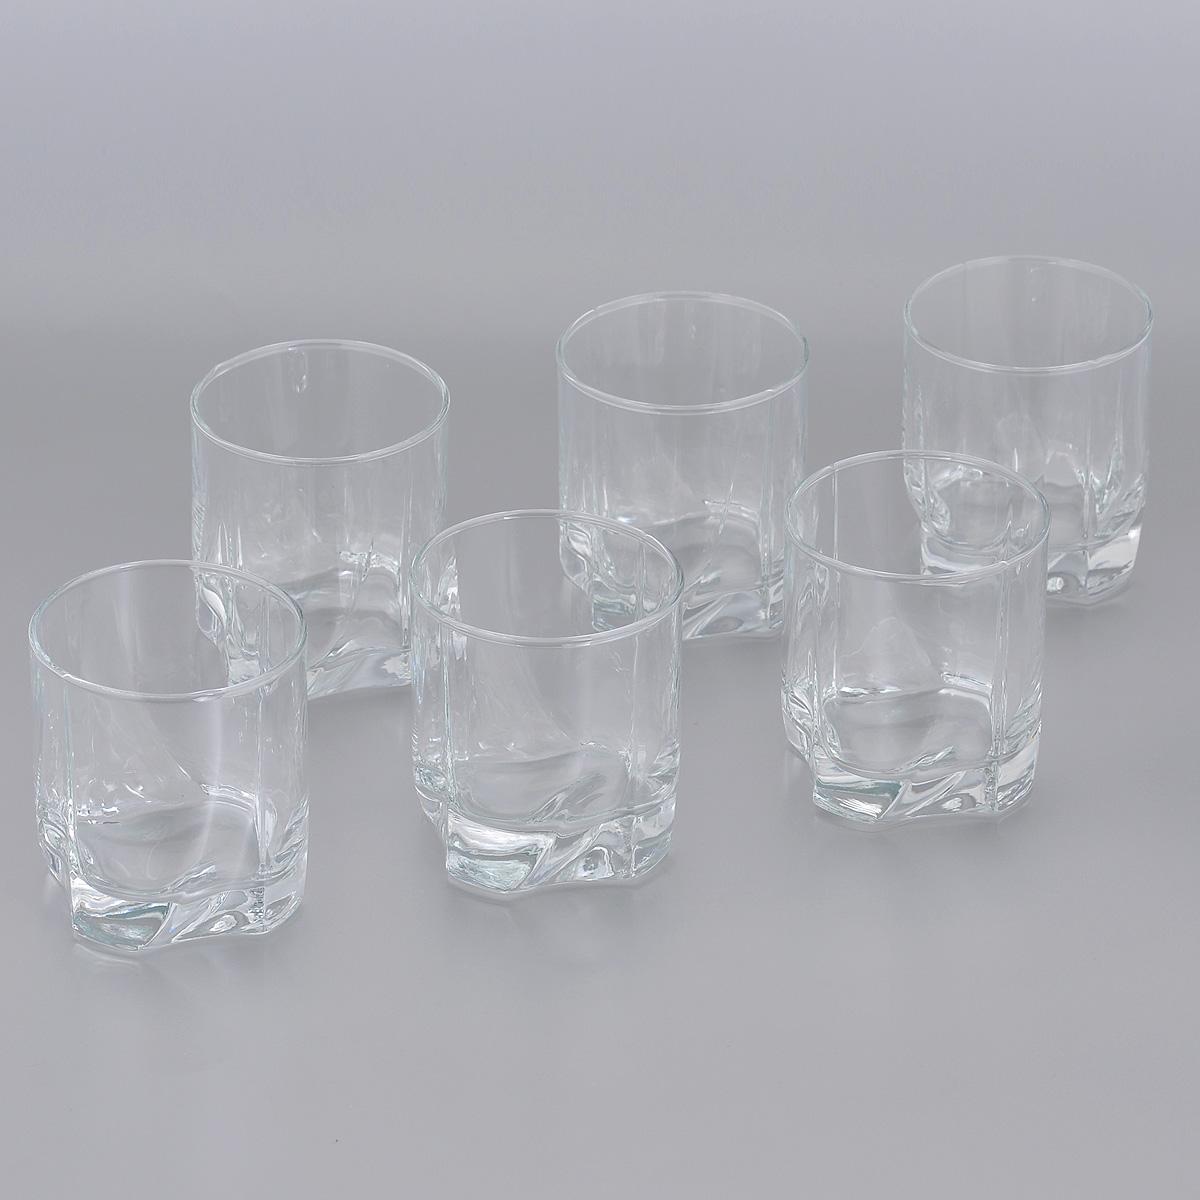 Набор стаканов Pasabahce Luna, 240 мл, 6 шт. 42338B42338BНабор Pasabahce Luna, выполненный из высококачественного стекла, состоит из шести стаканов. Изделия прекрасно подойдут для подачи виски. Эстетичность, функциональность и изящный дизайн сделают набор достойным дополнением к вашему кухонному инвентарю. Набор стаканов Pasabahce Luna украсит ваш стол и станет отличным подарком к любому празднику. Можно использовать в морозильной камере и микроволновой печи. Можно мыть в посудомоечной машине.Диаметр стакана по верхнему краю: 7 см. Высота стакана: 8 см.